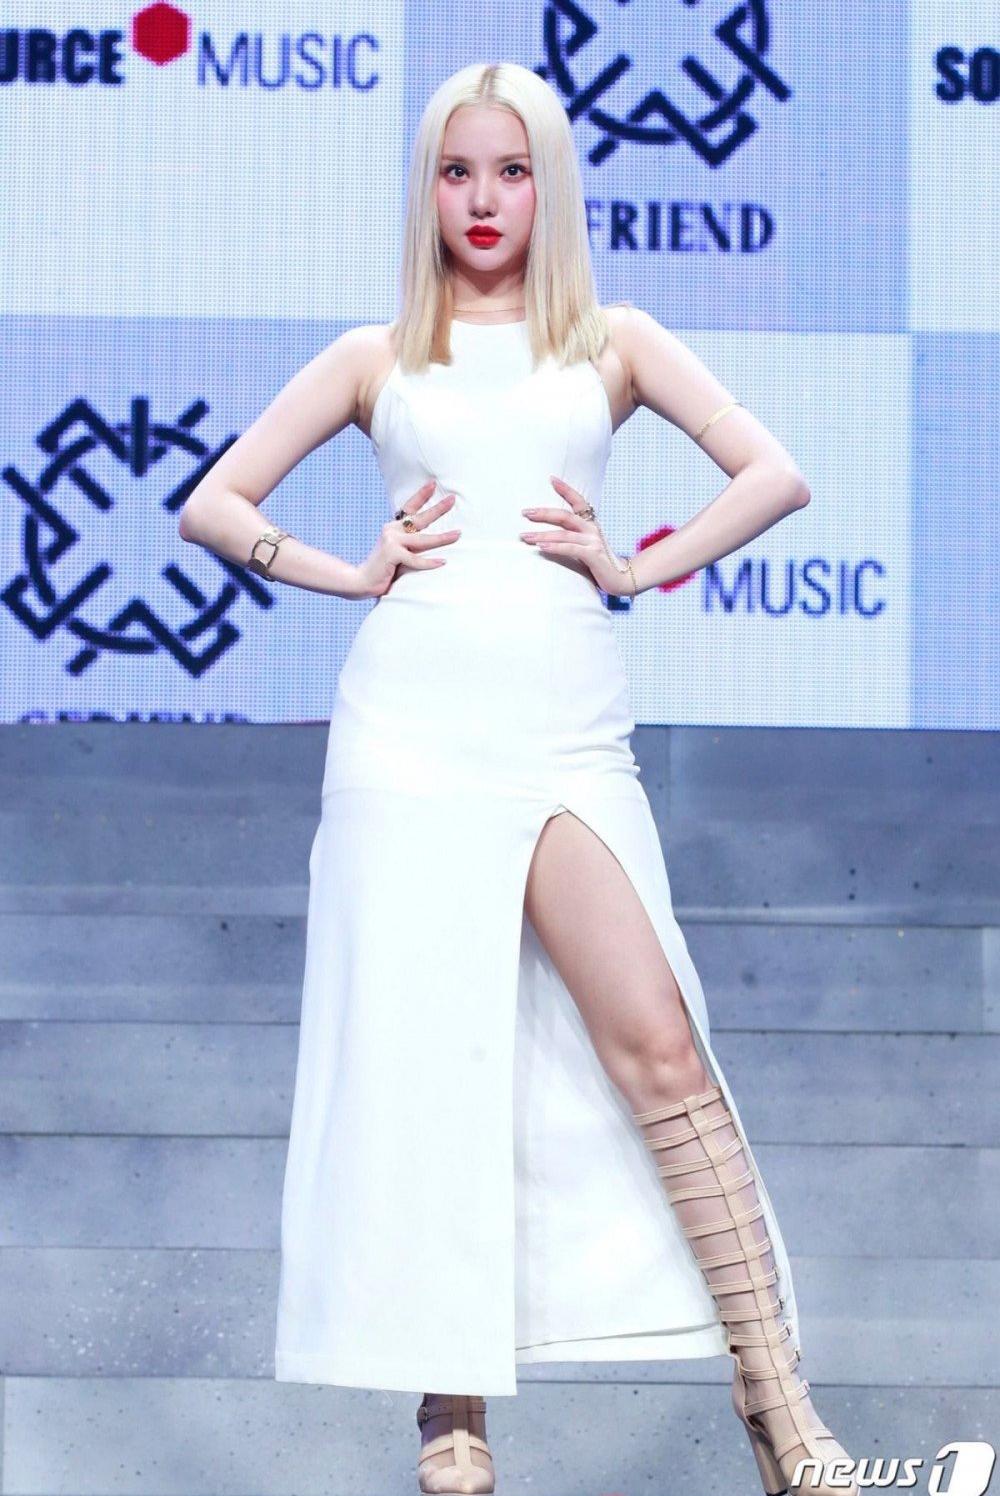 Trong đợt comeback mới đây của G-Friend, Eun Ha thu hút sự chú ý hơn cả với màn thay đổi ngoại hình mạnh mẽ. Từ bỏ vẻ trong veo, nhu mì trước đó, nữ idol chuyển qua đổi tóc theo style quyền lực. Mái tóc bạch kim rẽ ngôi giữa ép thẳng, cùng với lối trang điểm da trắng môi đỏ khiến Eun Ha được nhiều fan khen trông như nữ thần.